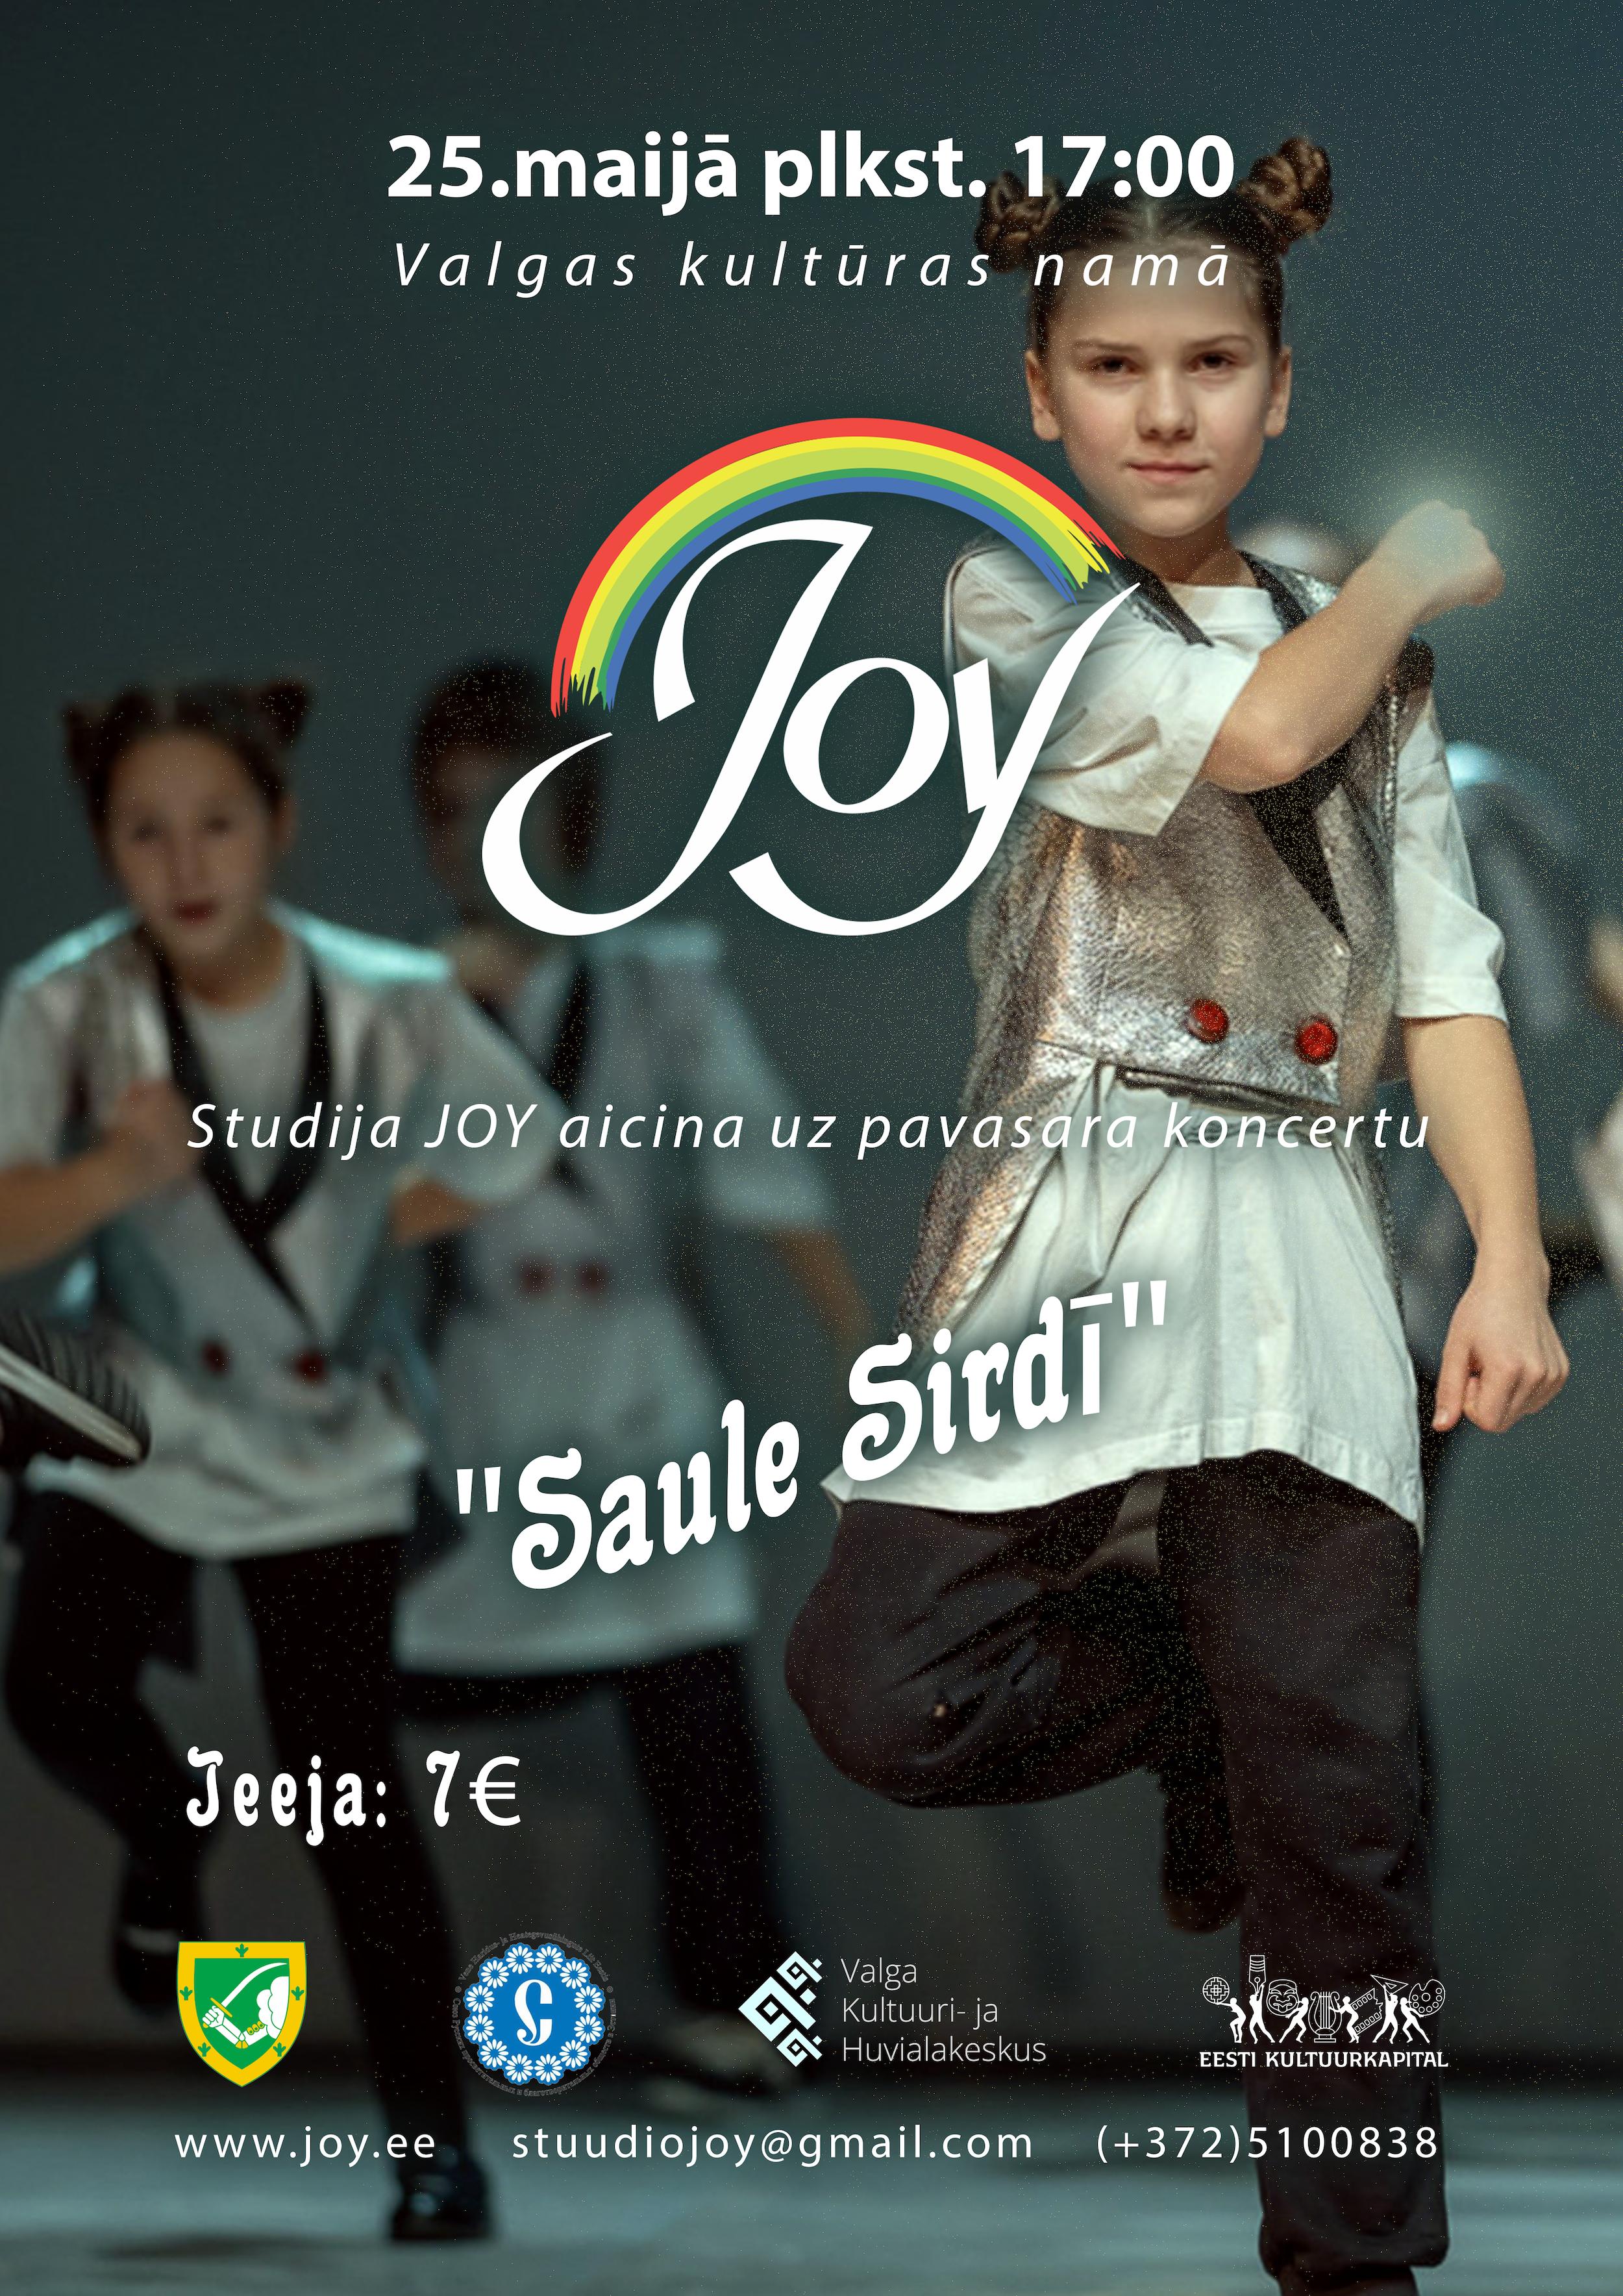 Stuudio JOY sügis kontsert 2019